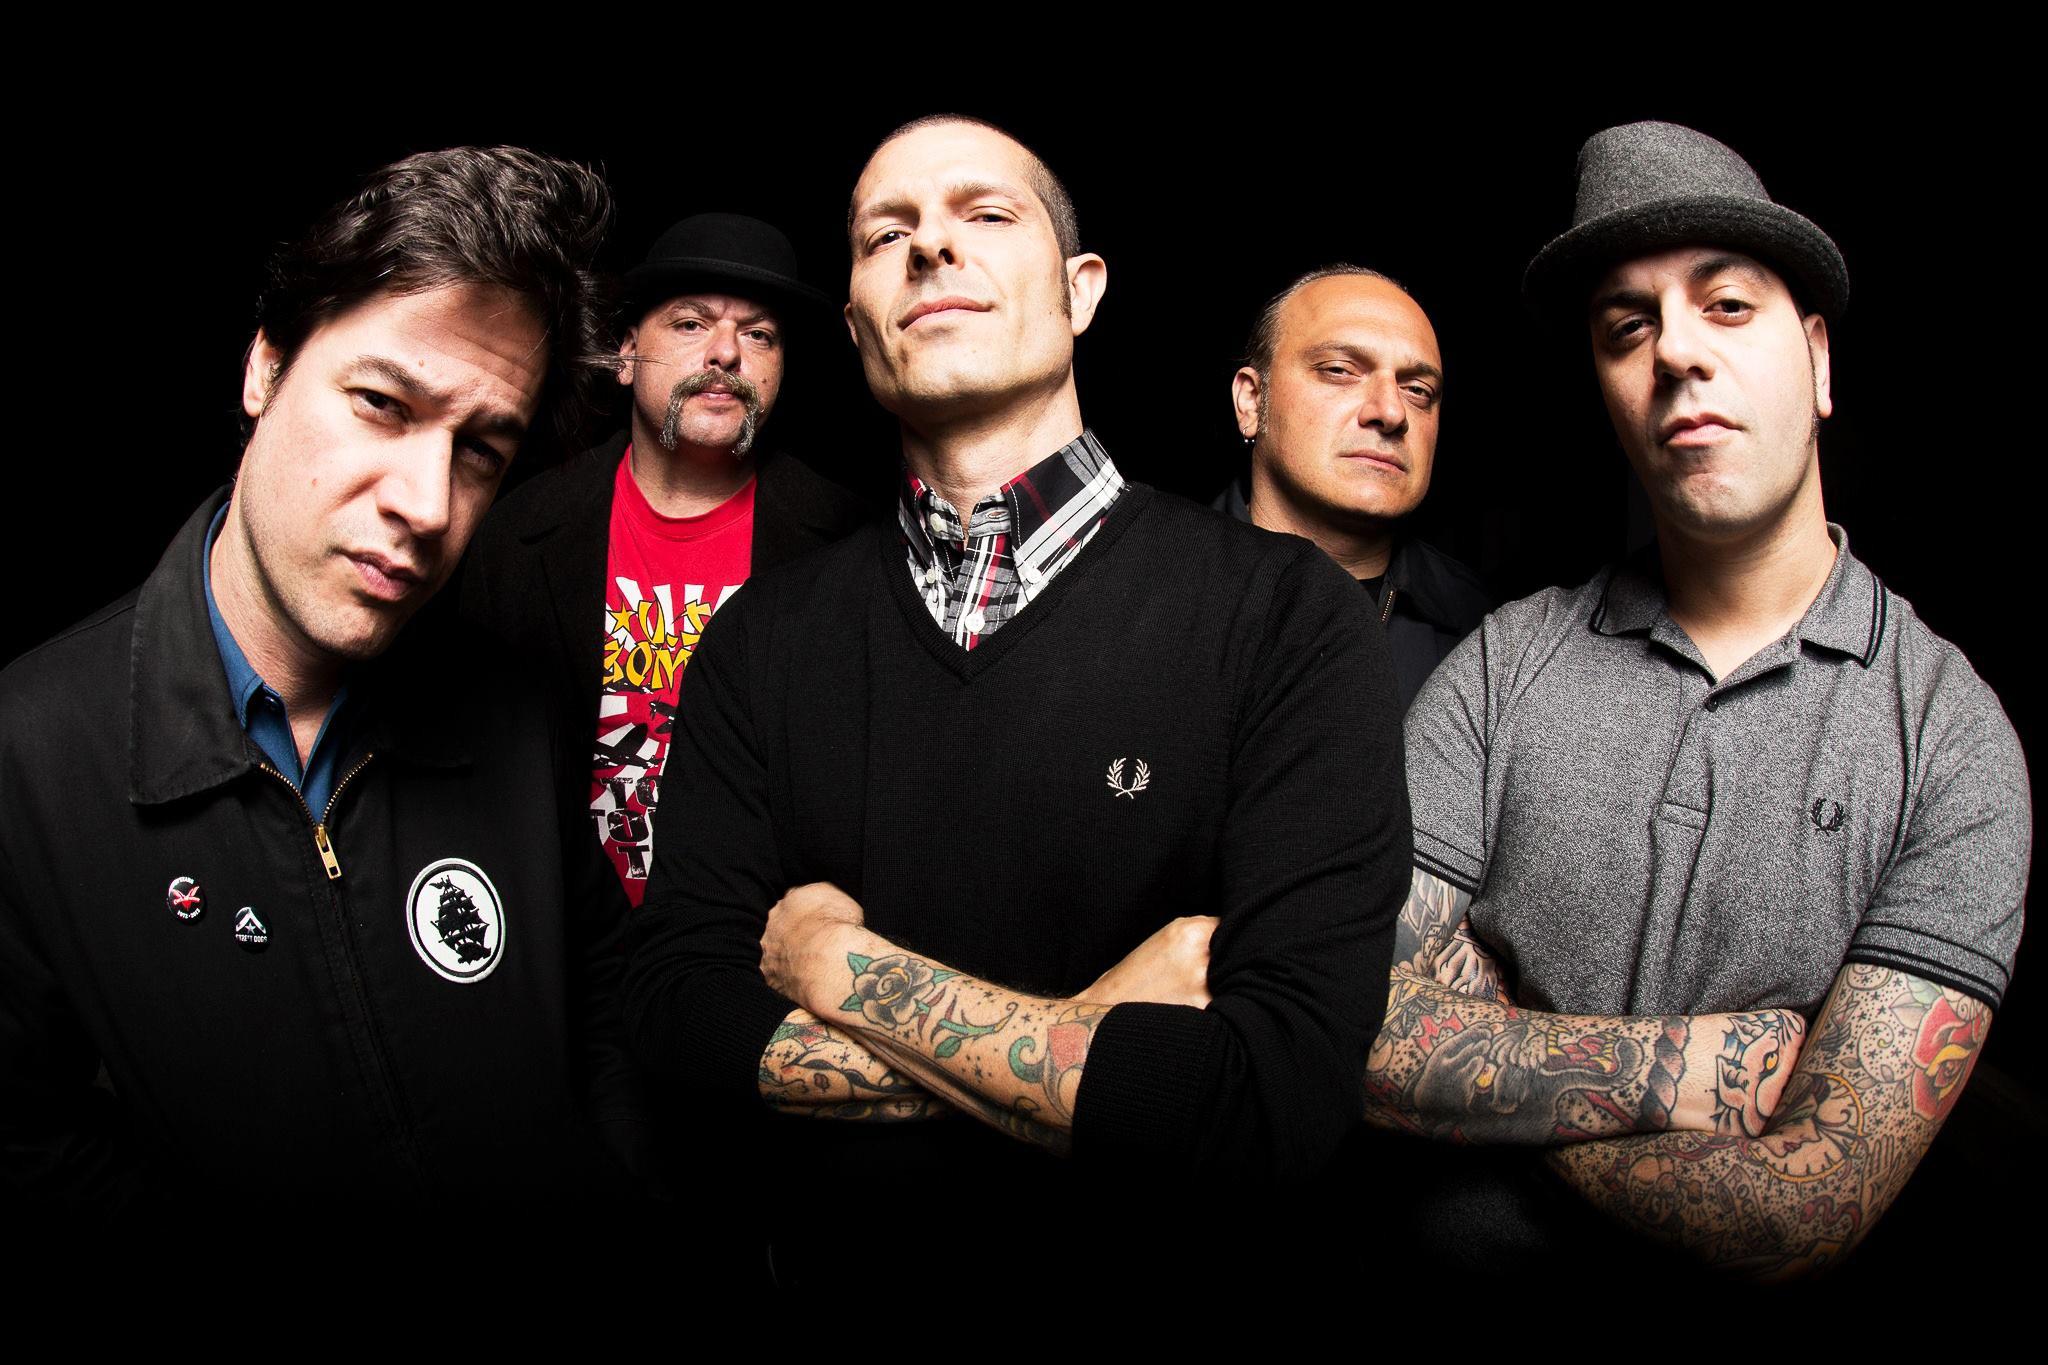 Banda punk Blind Pigs 'ressuscita' em fevereiro com disco póstumo 'Lights out'